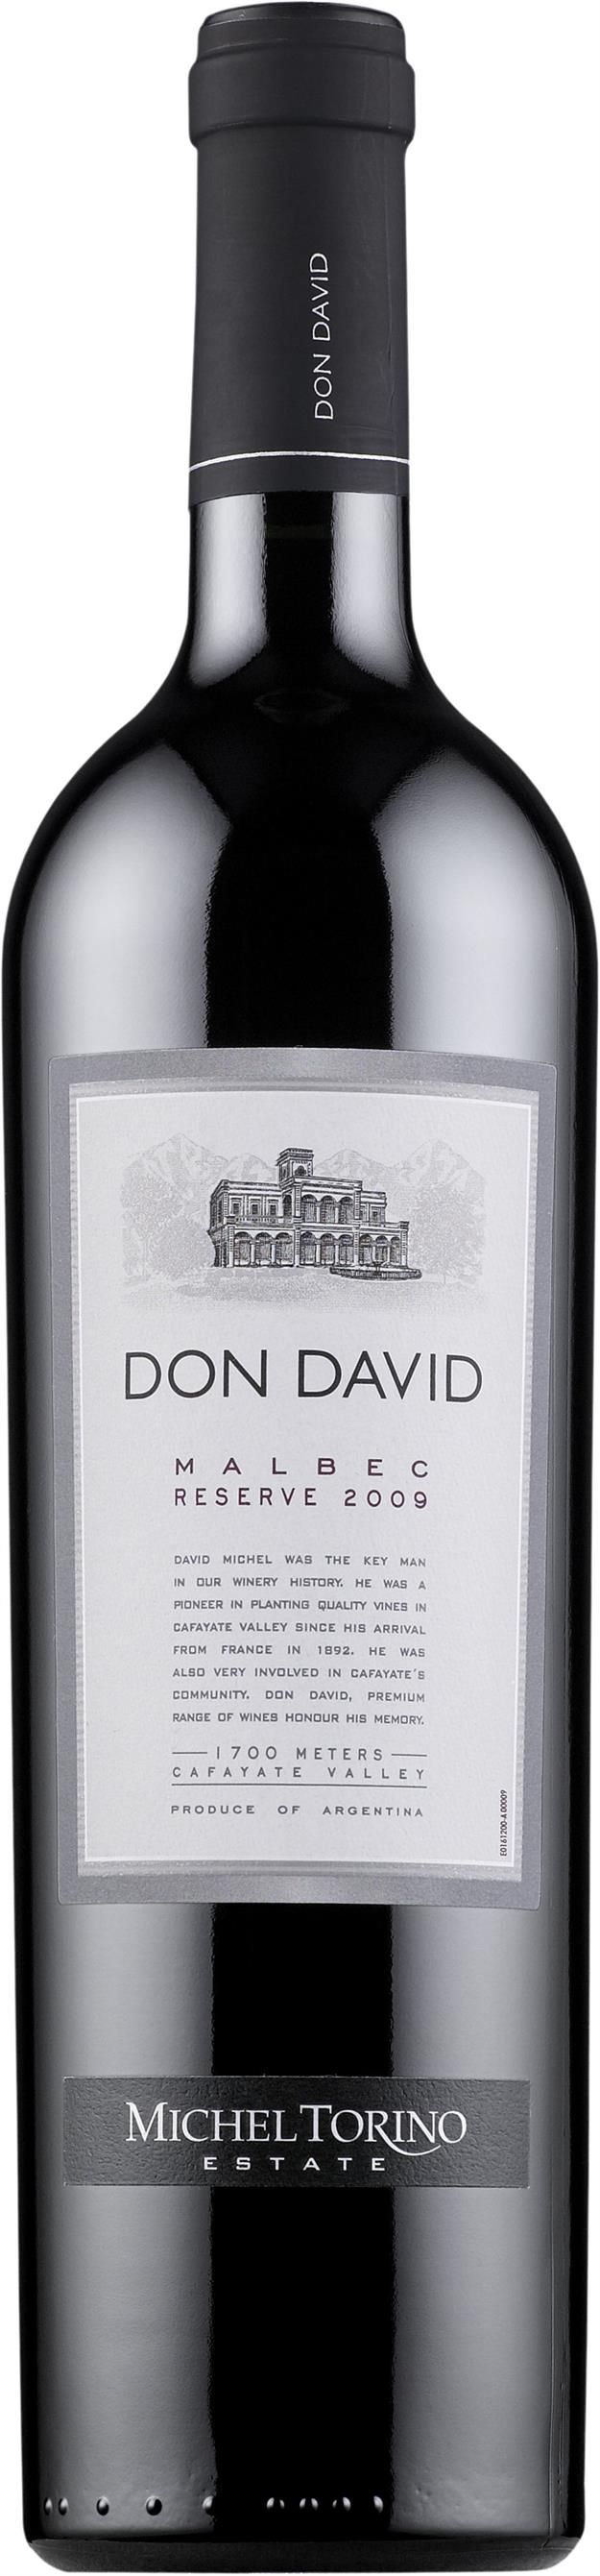 Don David Malbec Reserve 2014. Argentina.  11,90 €. Mehevä ja hilloinen: Täyteläinen, tanniininen, tumman luumuinen, kirsikkahilloinen, tamminen, mausteinen